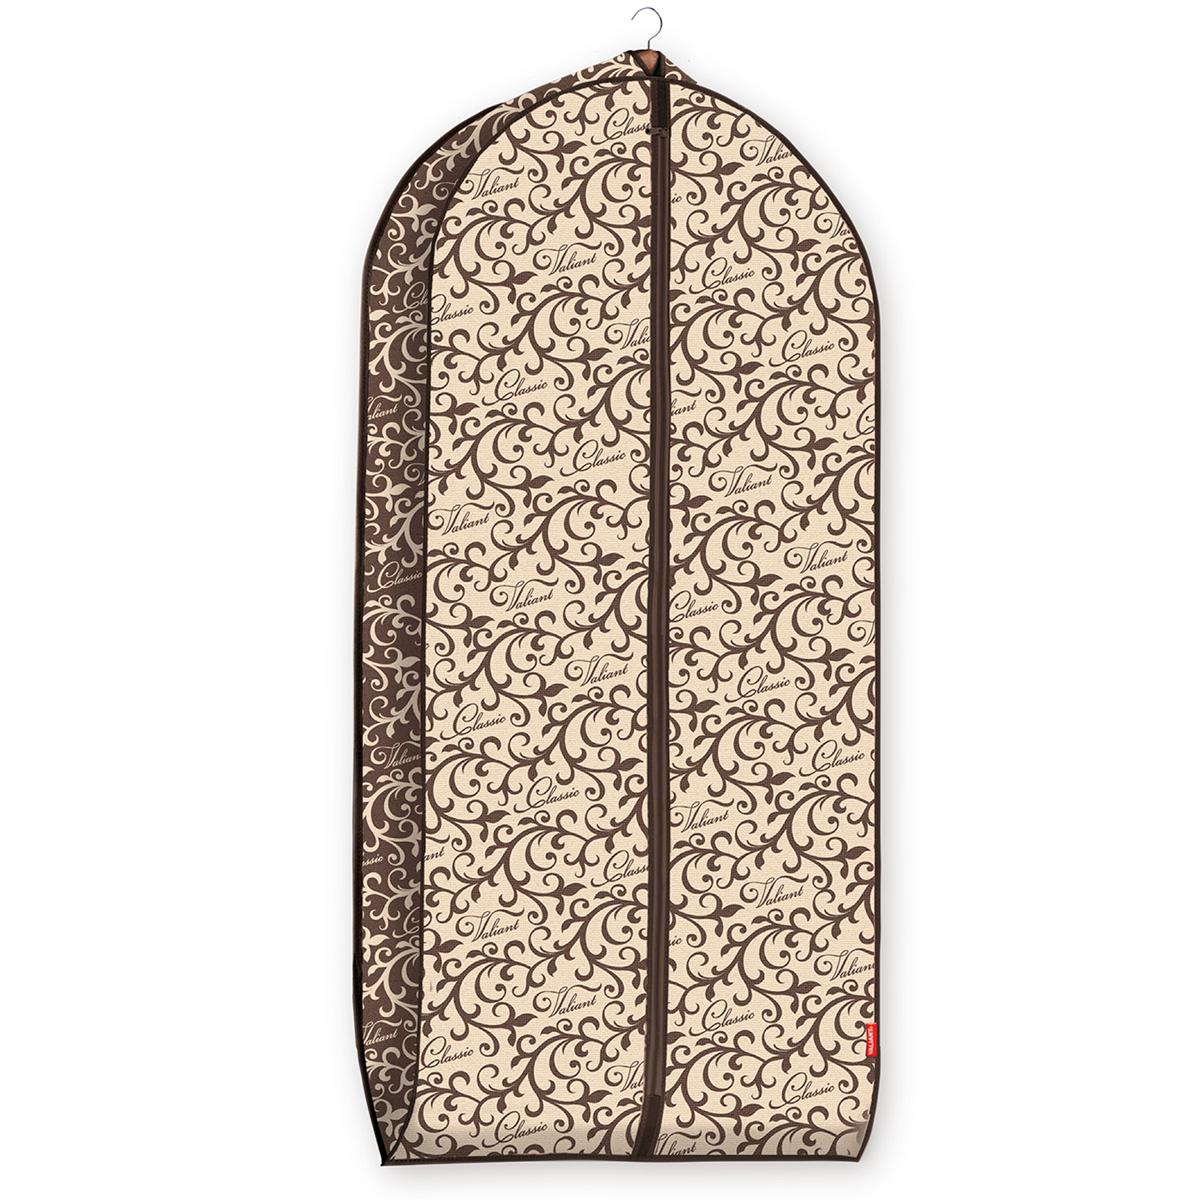 Чехол для одежды Valiant Classic, объемный, 60 см х 137 см х 10 смCL-CV-137Чехол для одежды Valiant Classic изготовлен из высококачественного нетканого материала, который обеспечивает естественную вентиляцию, позволяя воздуху проникать внутрь, но не пропускает пыль. Чехол очень удобен в использовании. Наличие боковой вставки увеличивает объем чехла, что позволяет хранить крупные объемные вещи. Чехол легко открывается и закрывается застежкой-молнией. Идеально подойдет для хранения одежды и удобной перевозки. Оригинальный дизайн Classic придется по вкусу ценительницам прекрасного. Система хранения станет стильным акцентом в современном гардеробе.